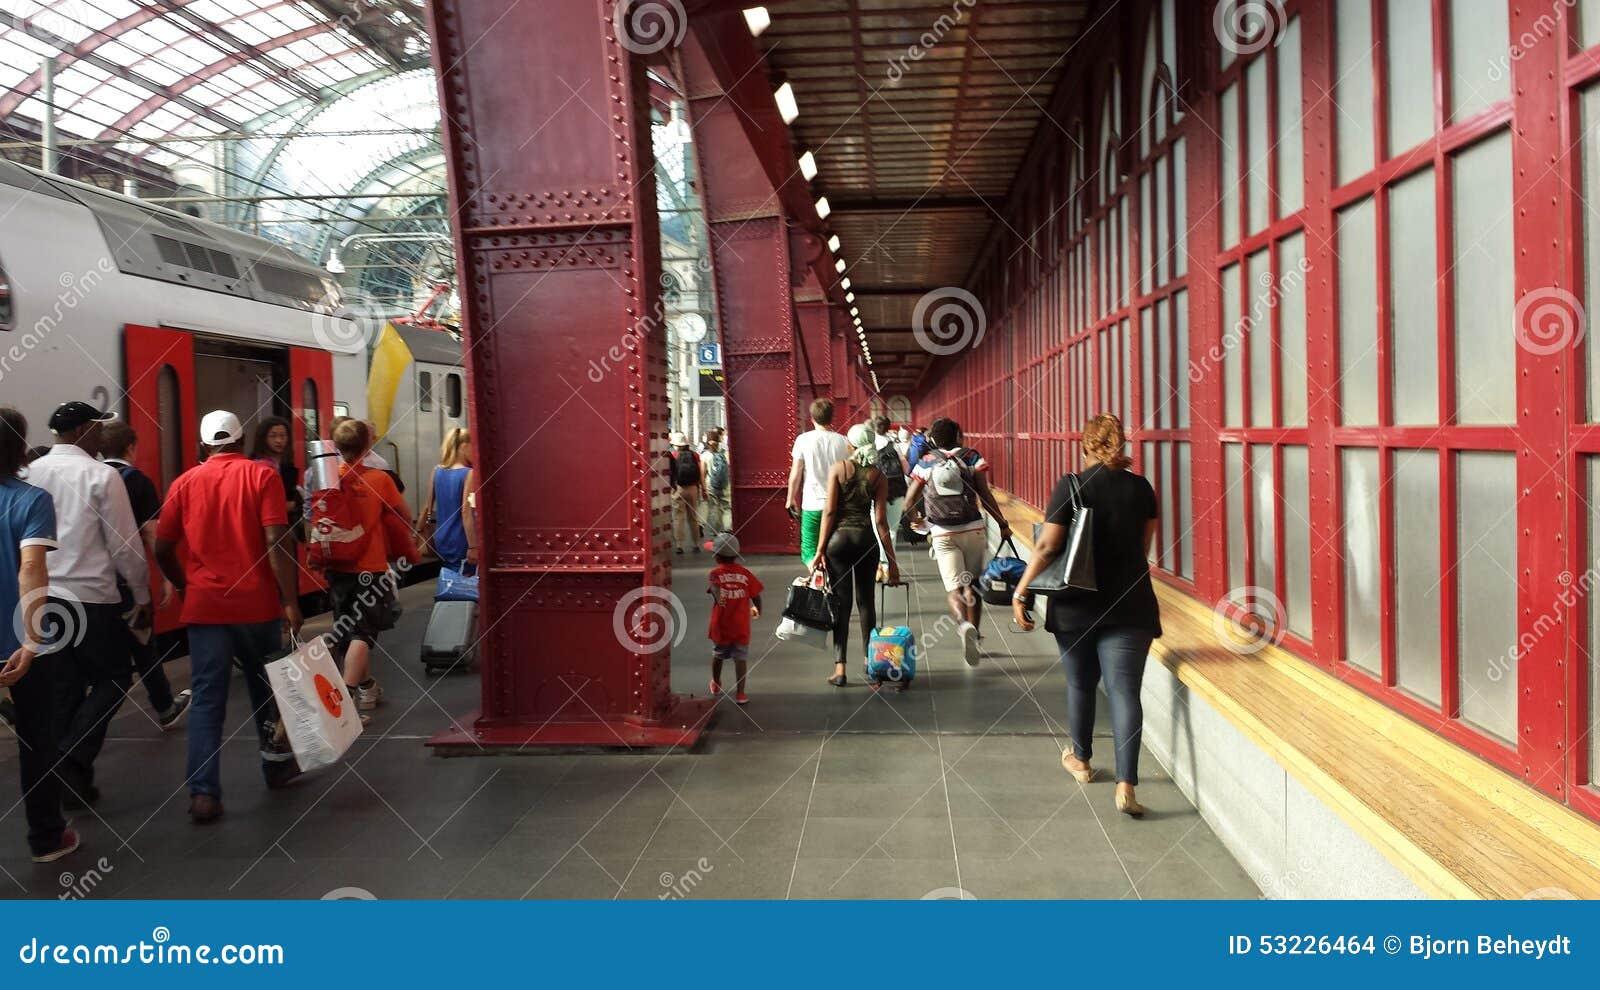 Dentro de la central Trainstation de Amberes